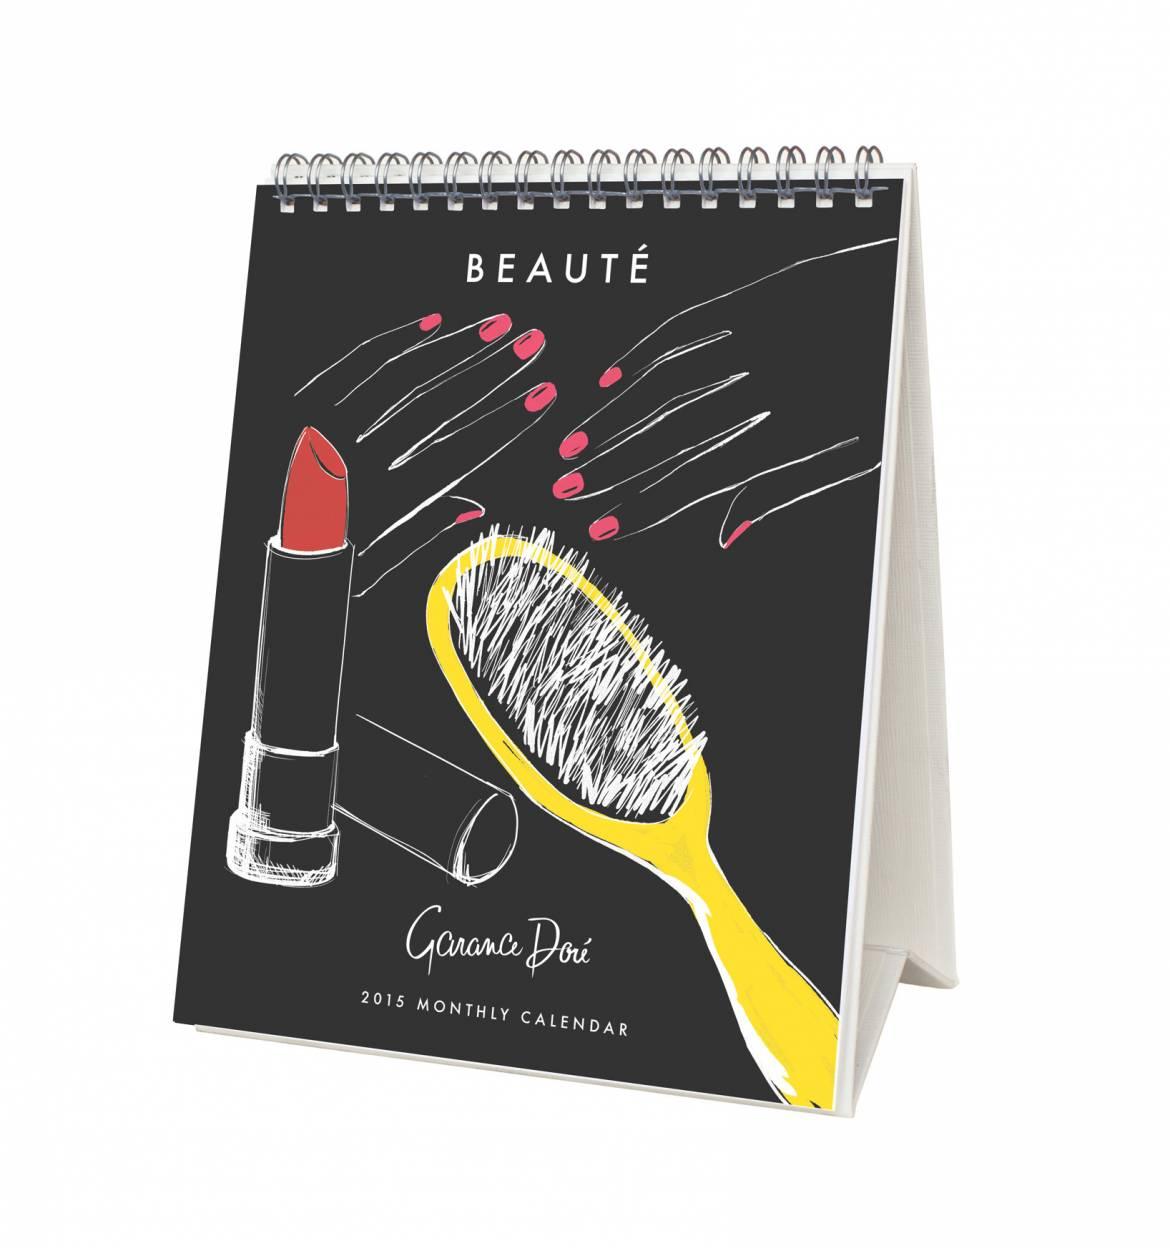 2015 Calendar - Beaute by Garance Dore